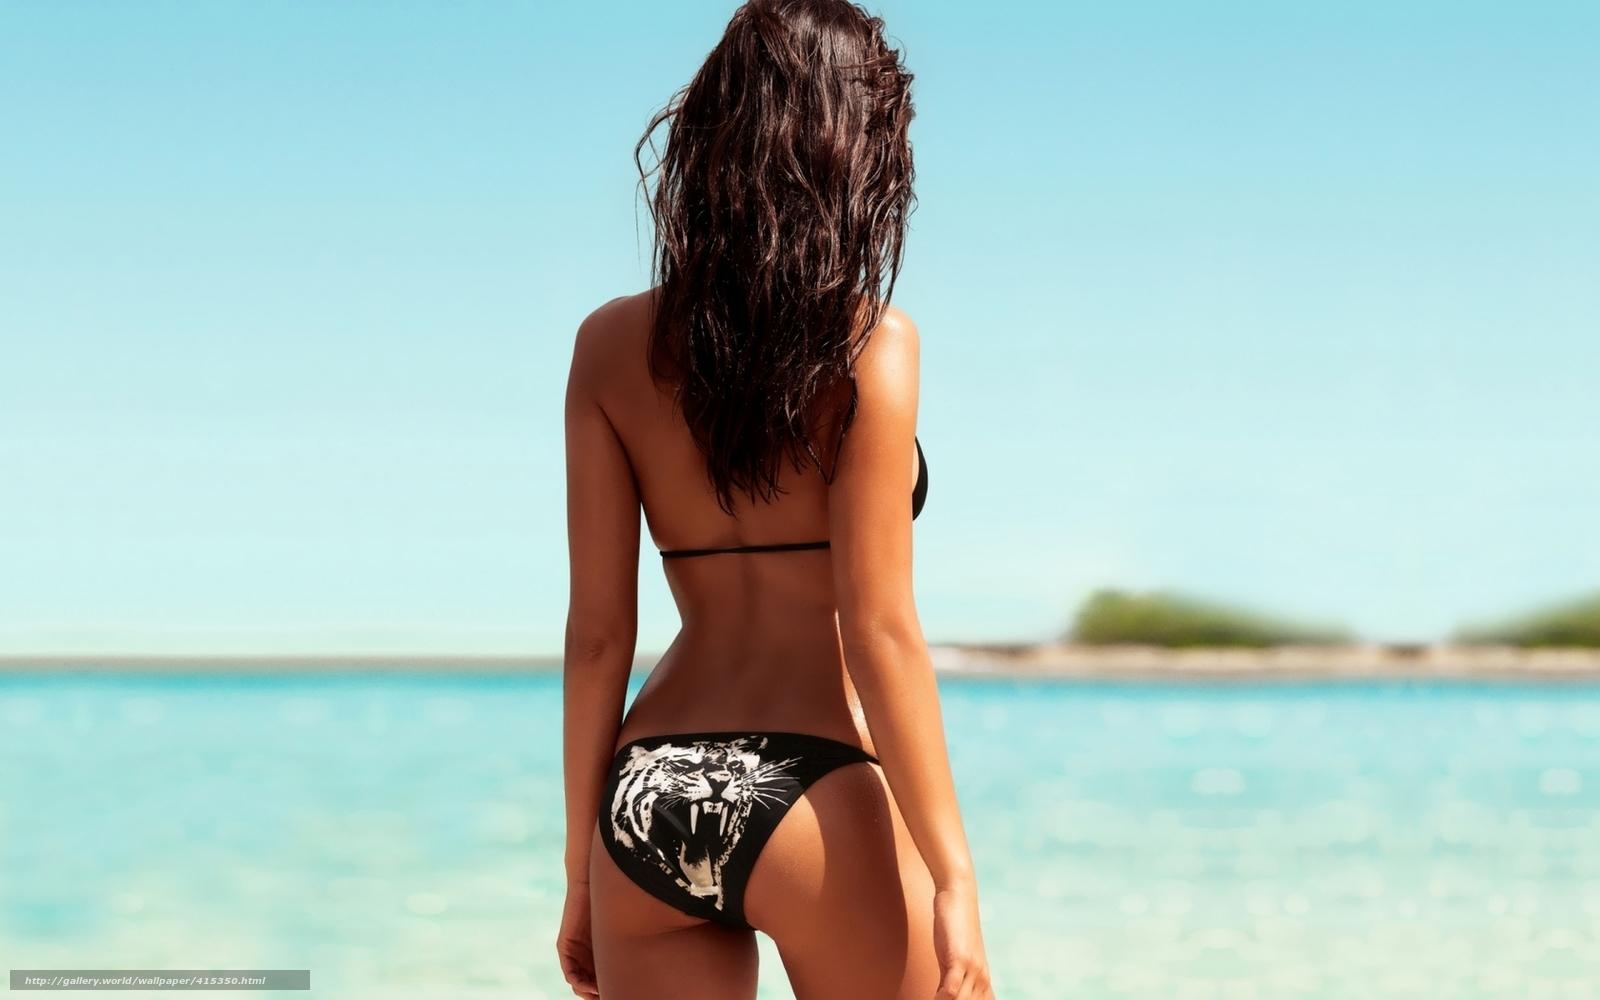 Красивые девушки на пляже фото спиной на аву в